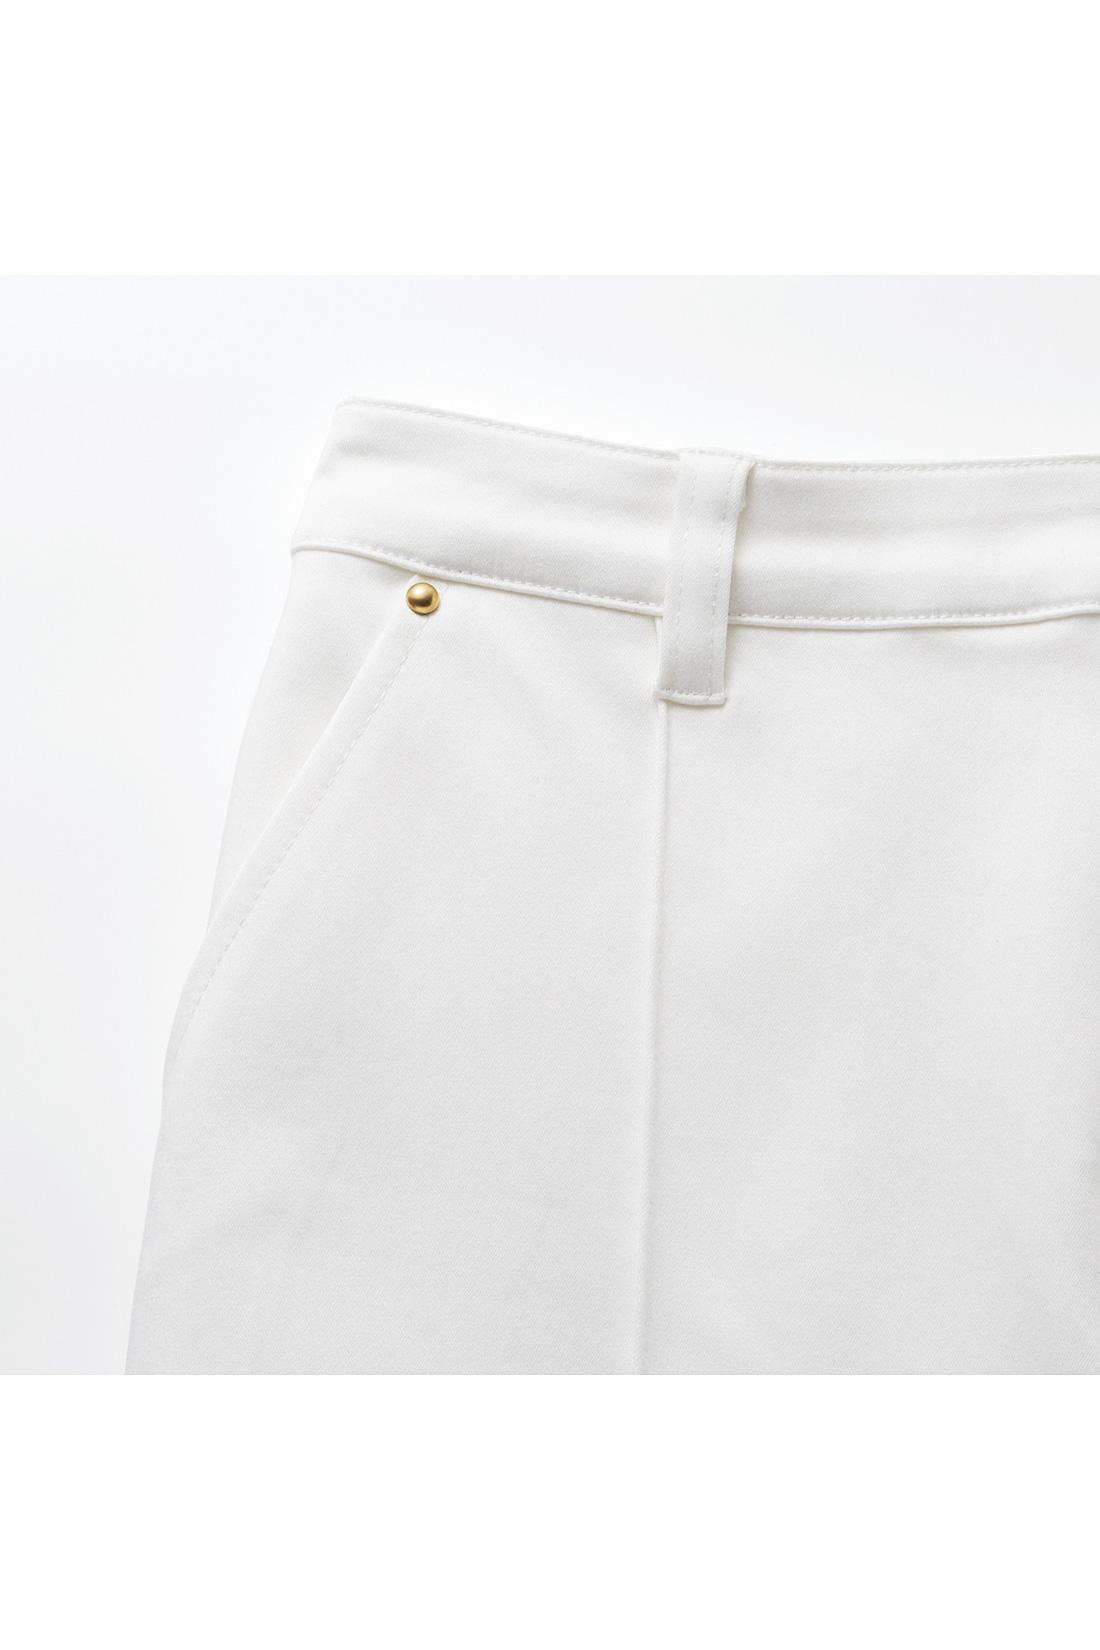 ポケットのまわりのリベットが、ウエストインした時のポイントに。センターピンタックでいつでもきちんとをキープ。 ※お届けするカラーとは異なります。